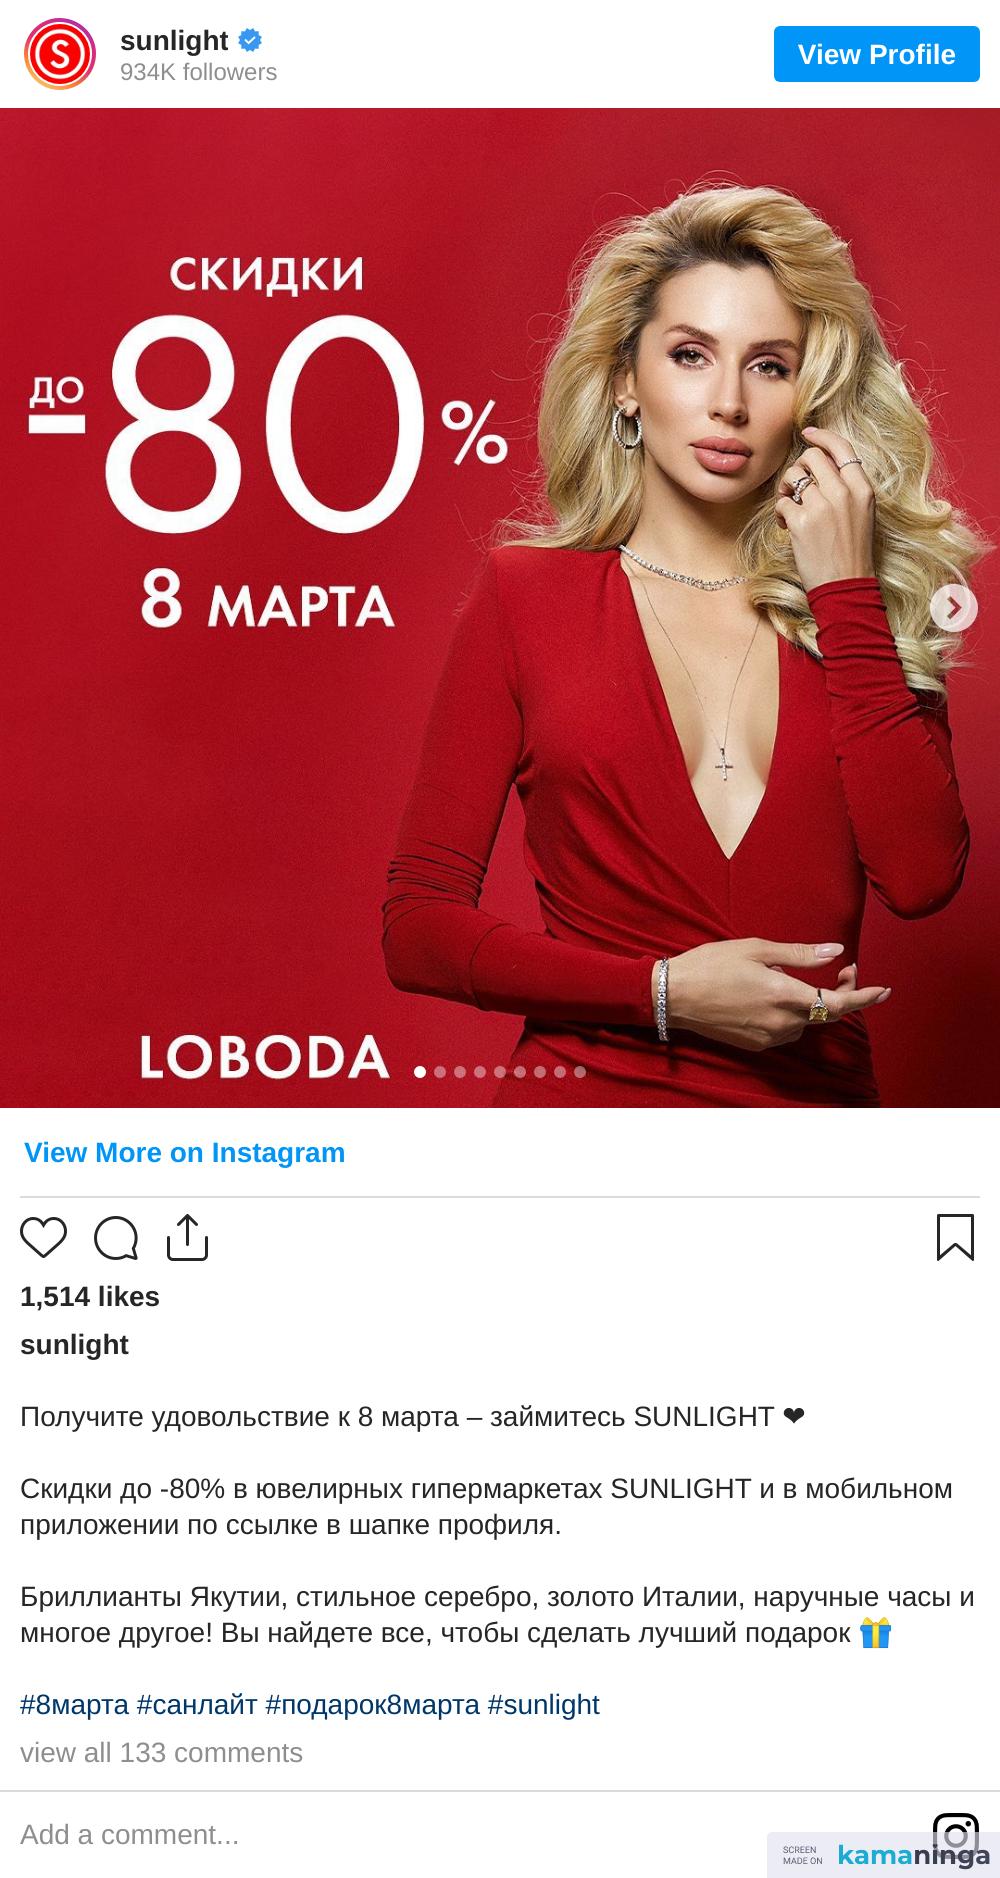 https://www.instagram.com/p/CL_VkgsMopN/